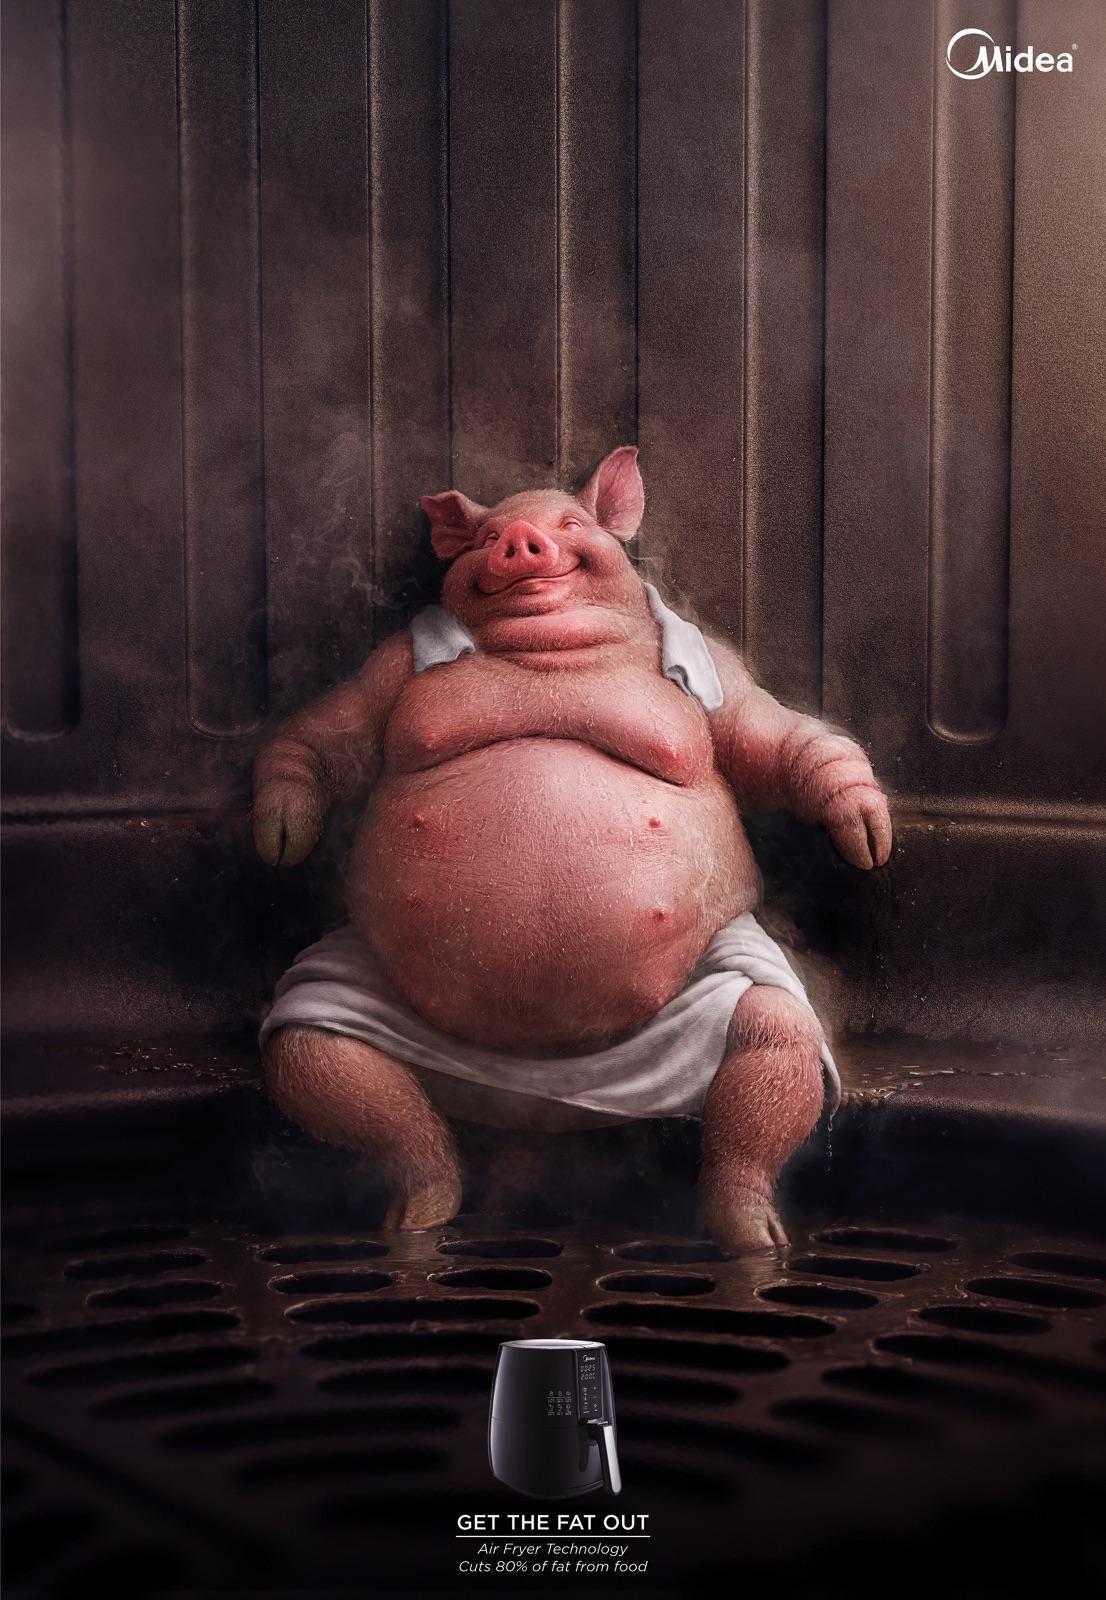 Midea Print Ad - Chubby Pig